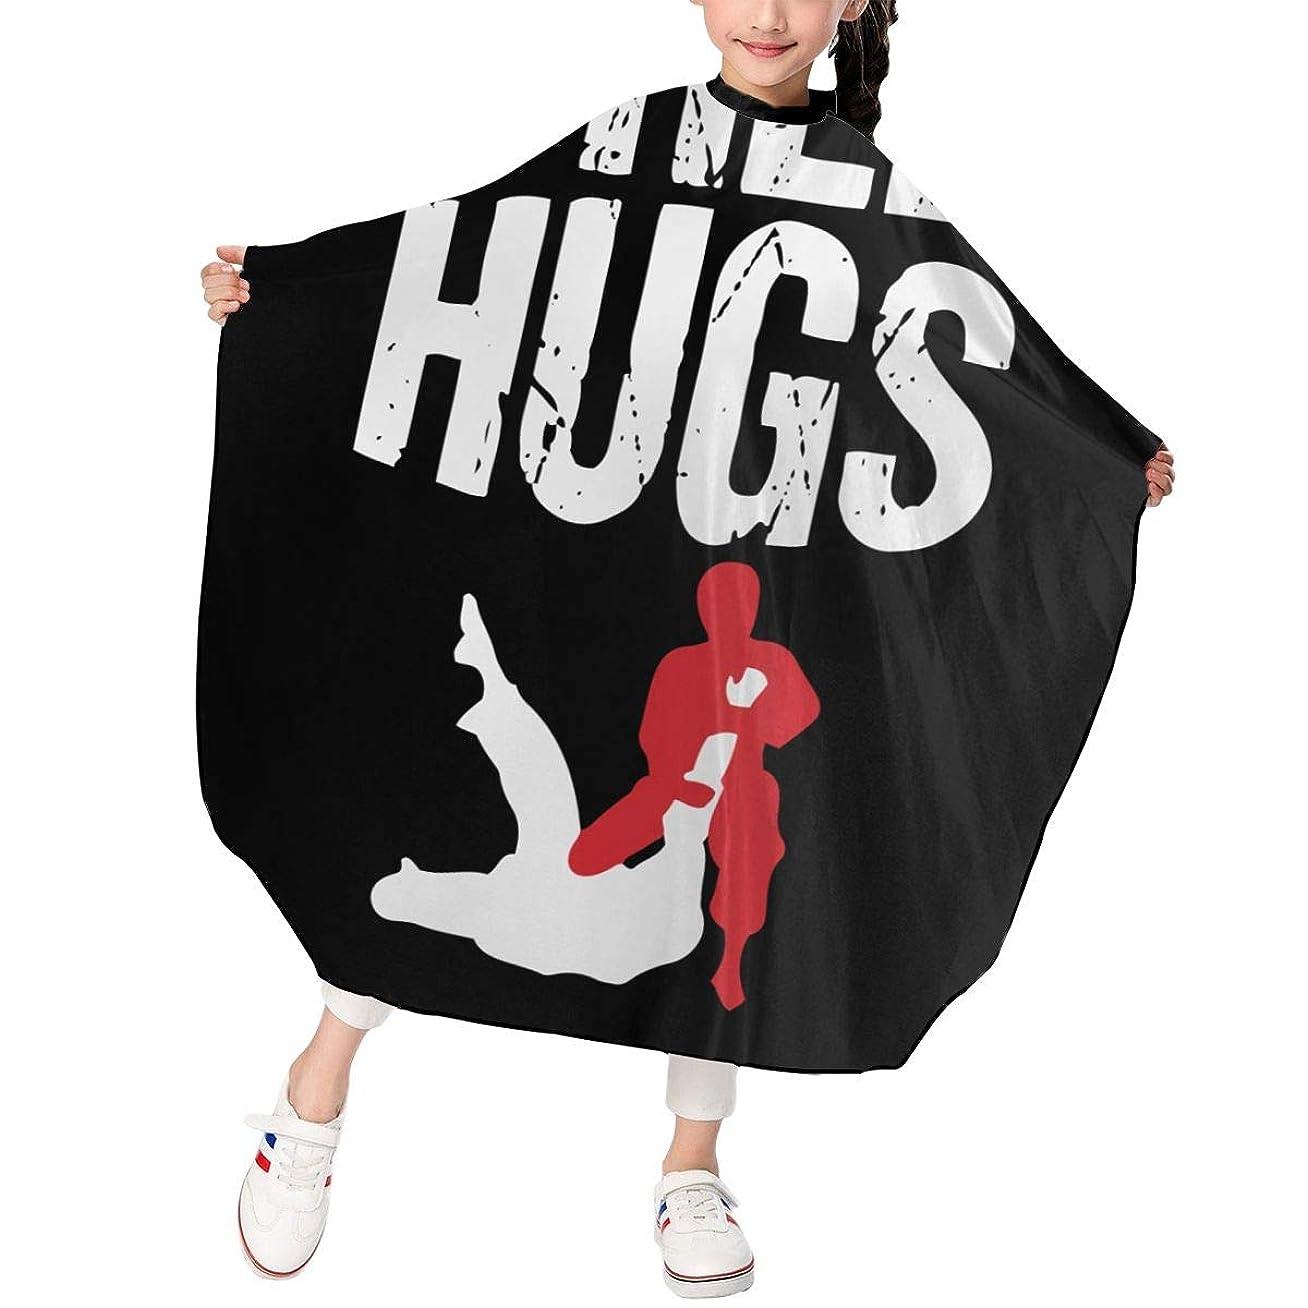 赤外線顎観光に行くCute Free Hugs Jiu Jitsu BJJ Martial Arts 子供エプロン ヘアーエプロン 散髪 ケープ 美容エプロン 静電気防止 ヘアカット ファミリー理髪 防水 自宅カット 120*100cm